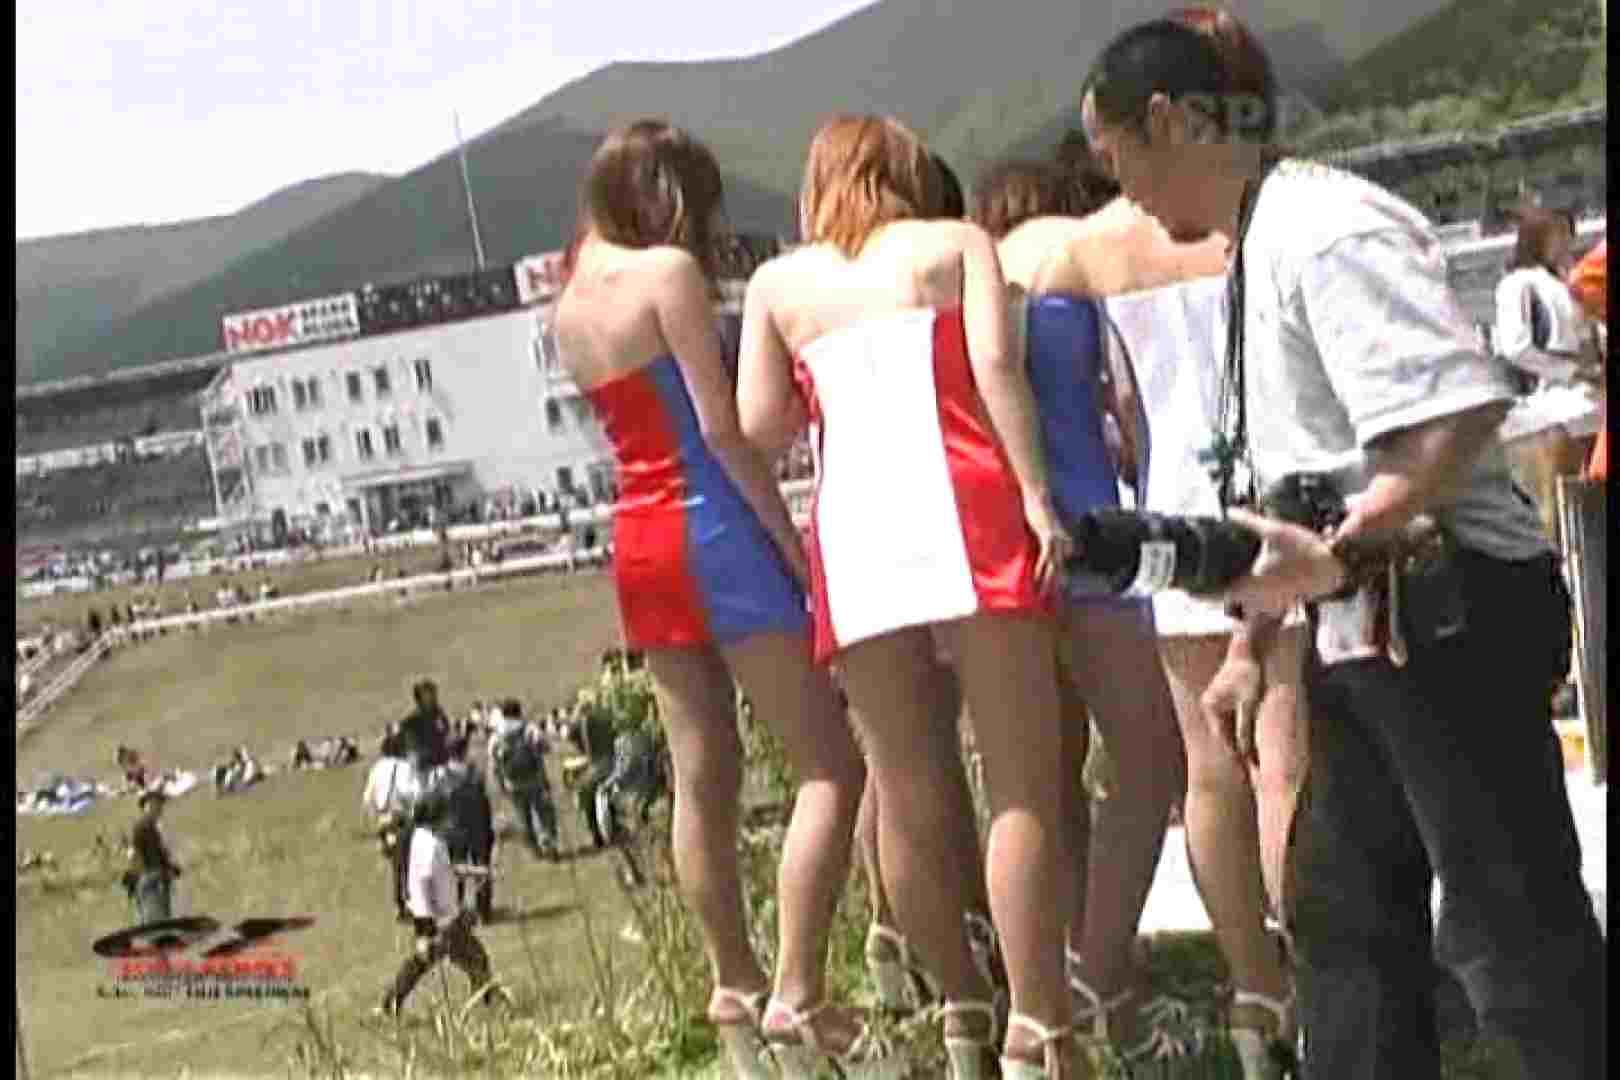 高画質版!SPD-006 サーキットの女神達 Vol.01 高画質  102画像 8